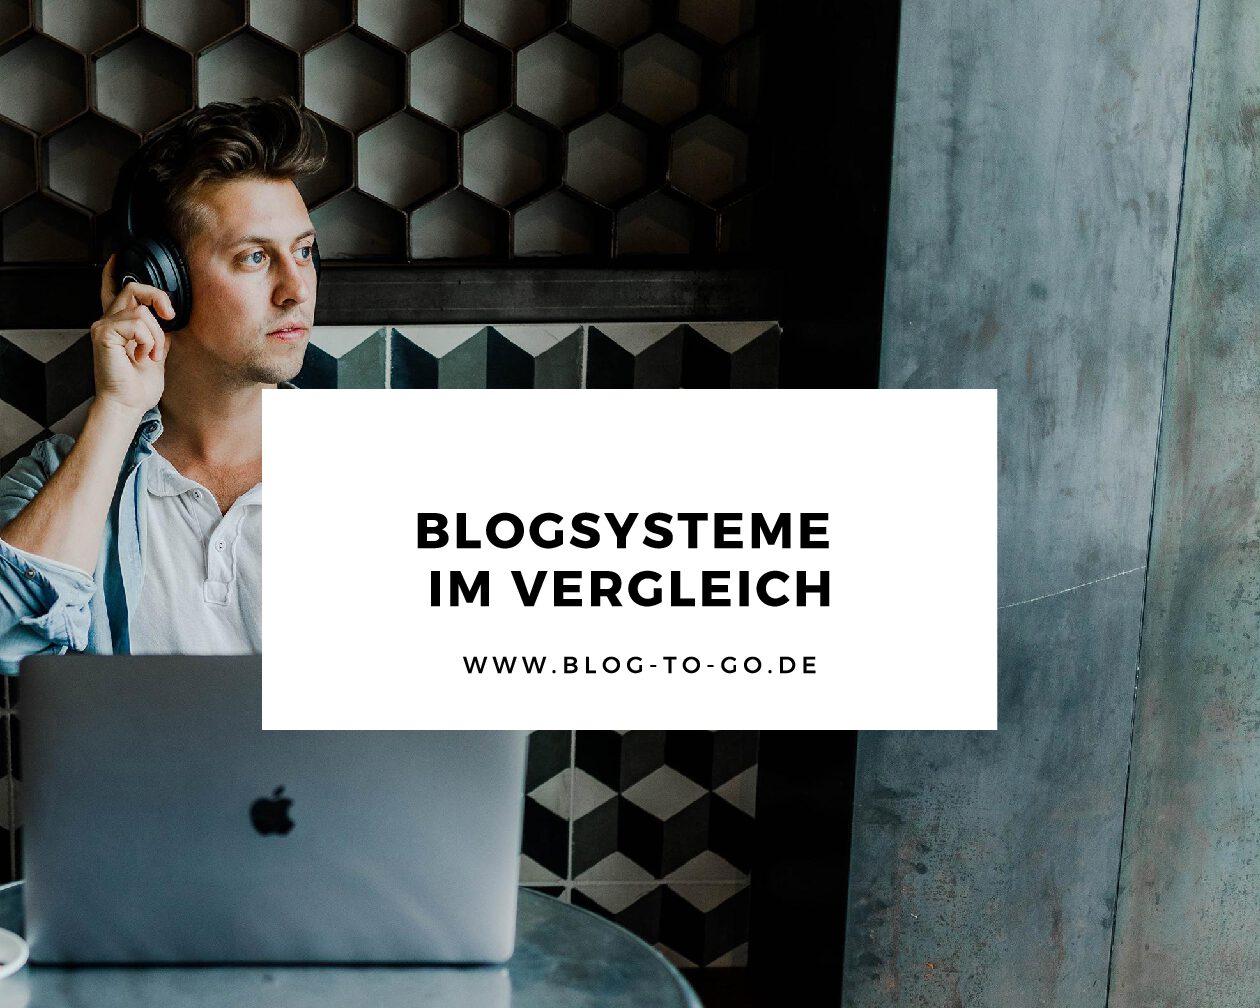 Blogsysteme im Vergleich